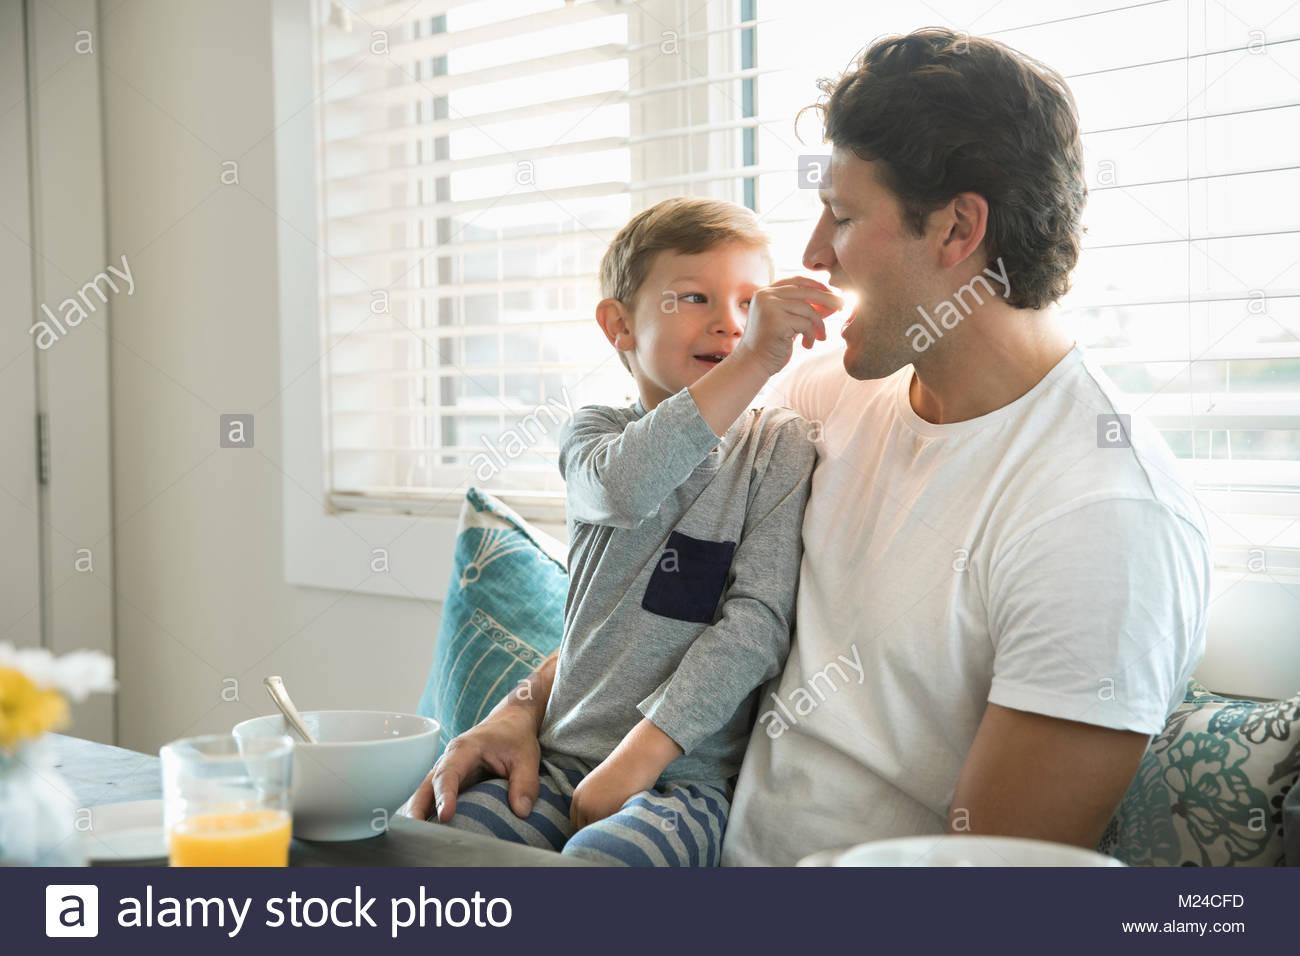 Céréales d'alimentation fils au père dans son coin repas Photo Stock